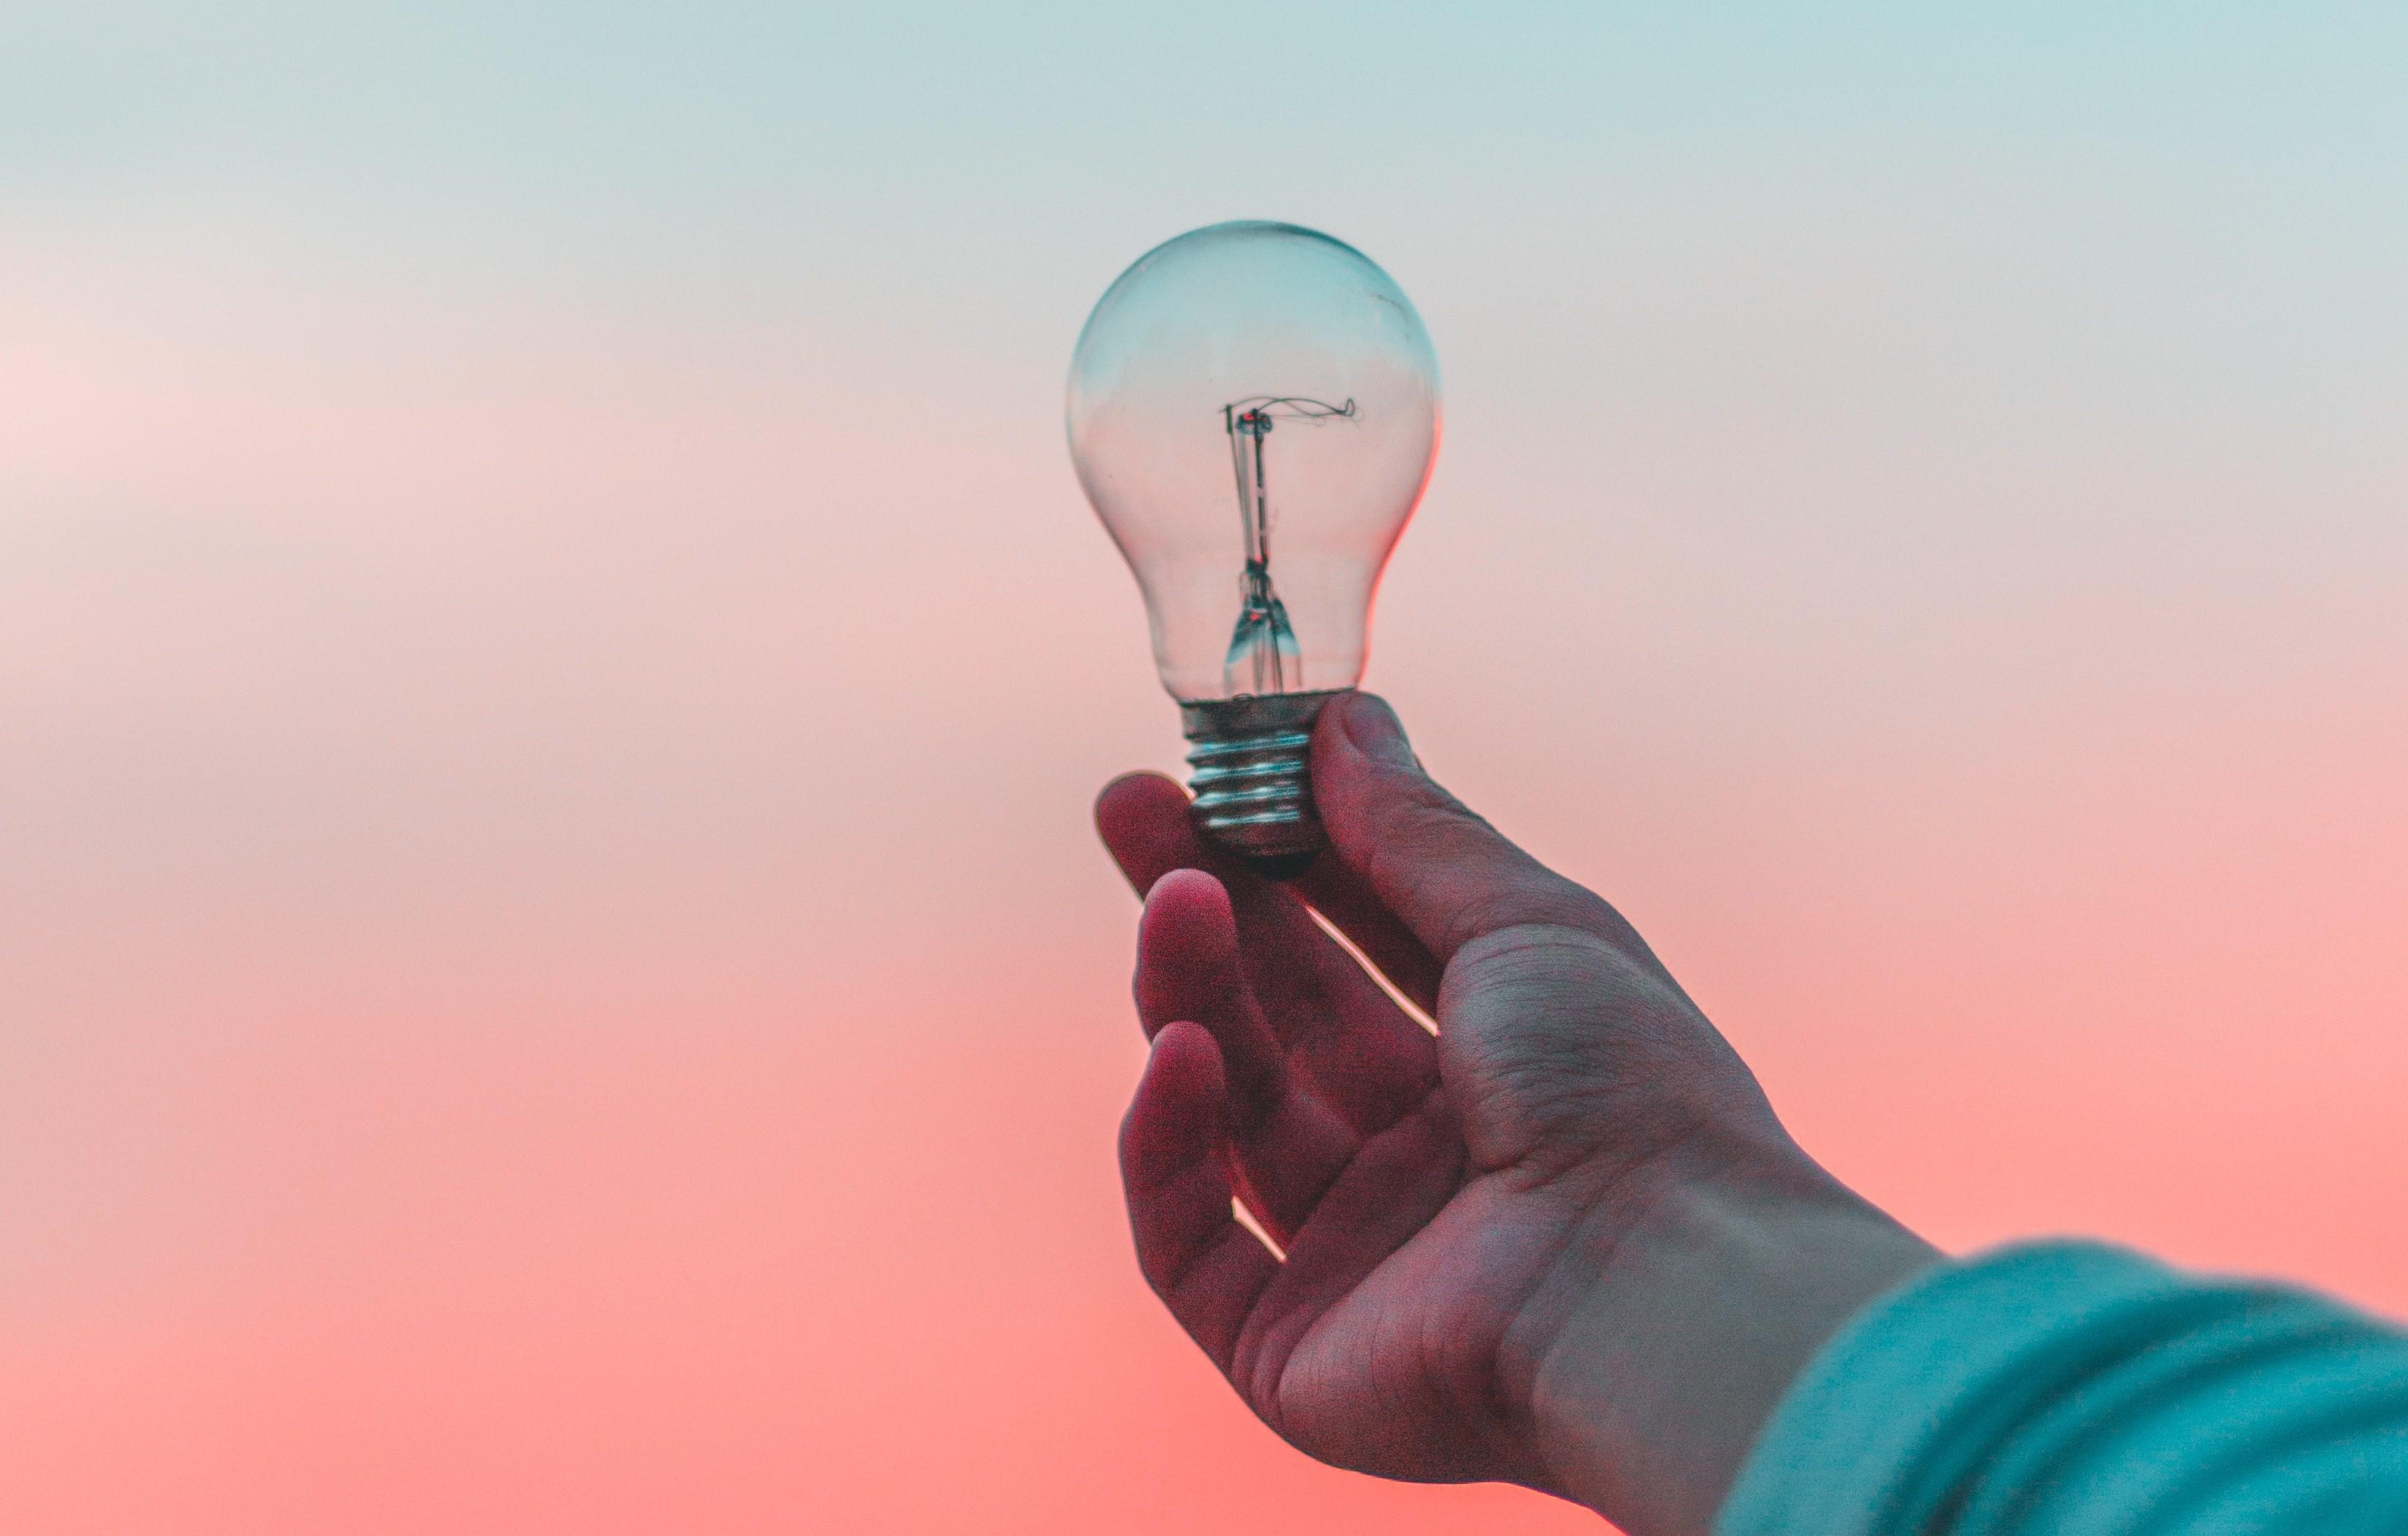 En hand håller upp en glödlampa mot en rosa himmel